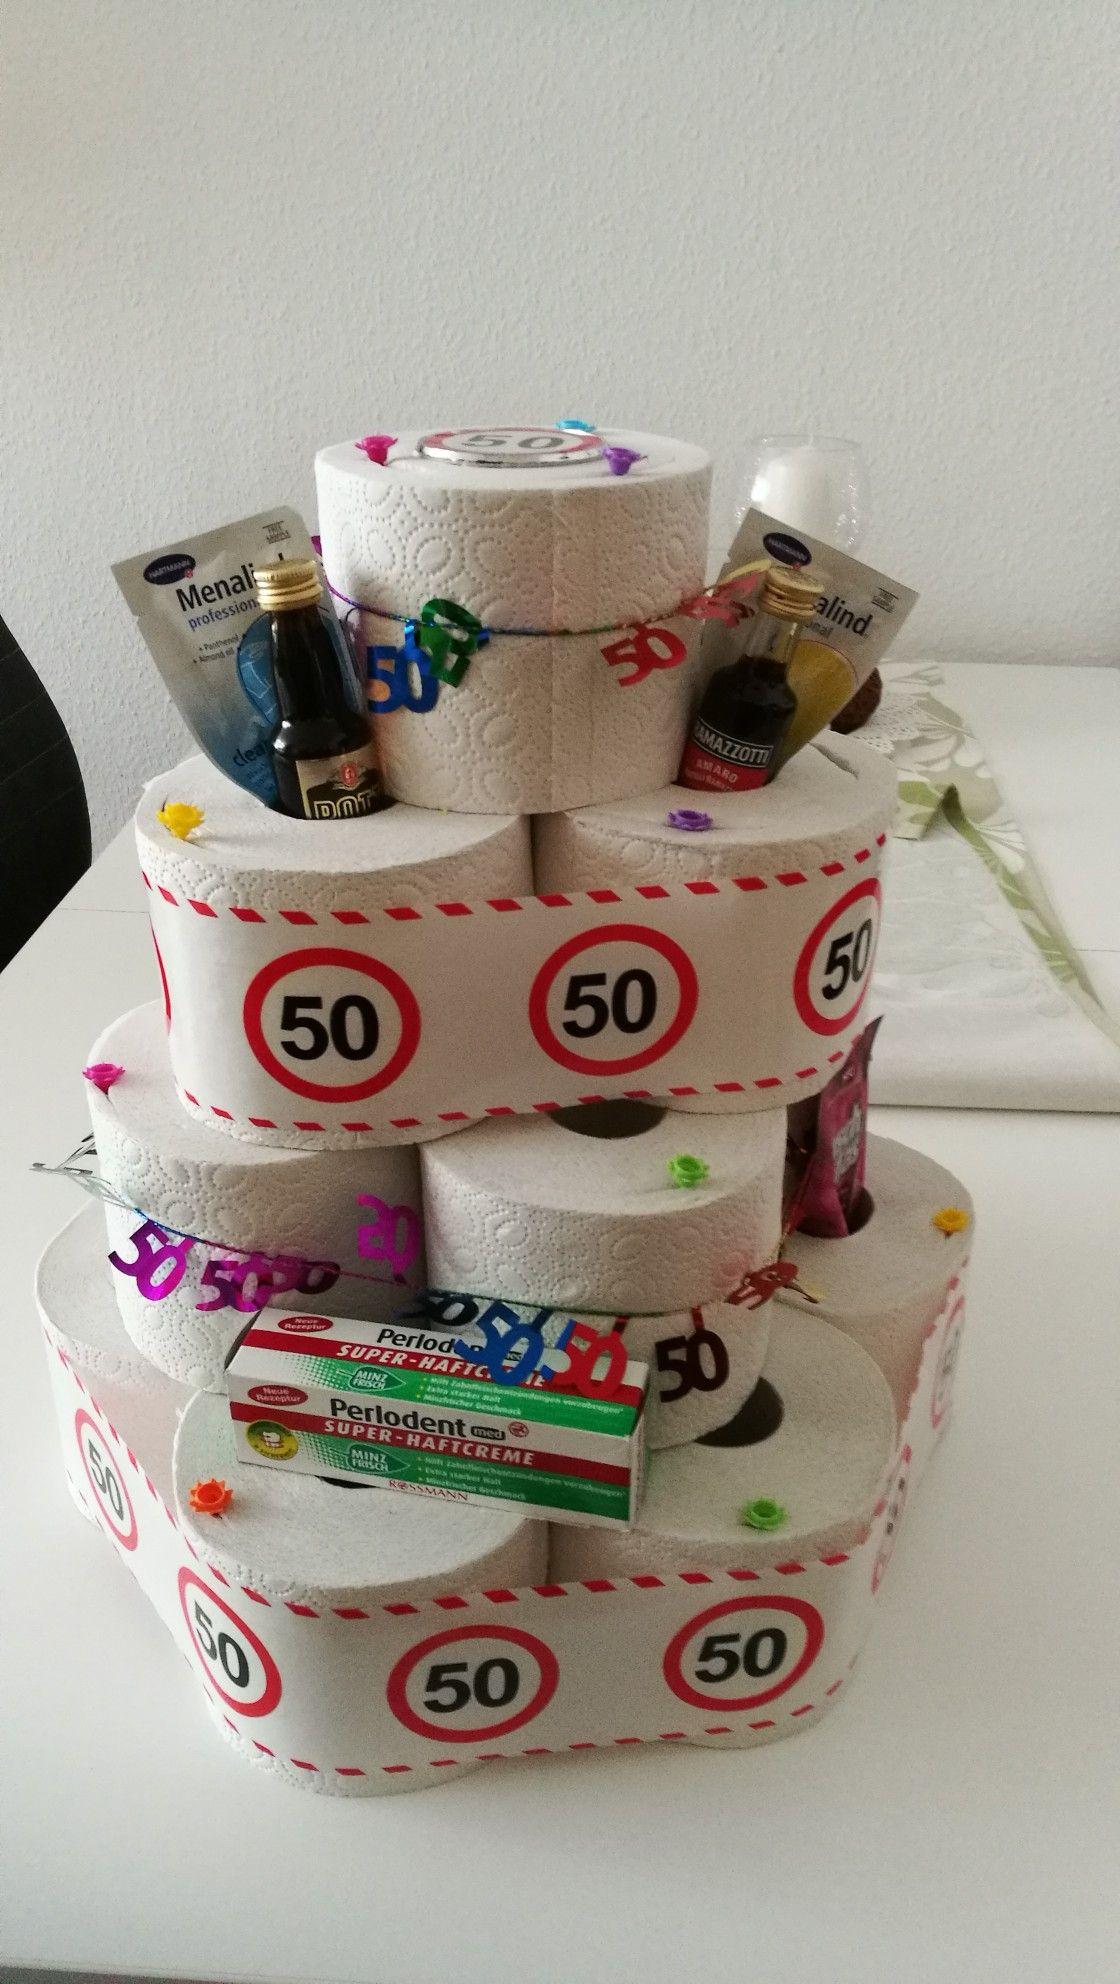 Klopapiertorte 50 Geburtstag Klopapiertorte Geschenke Zum